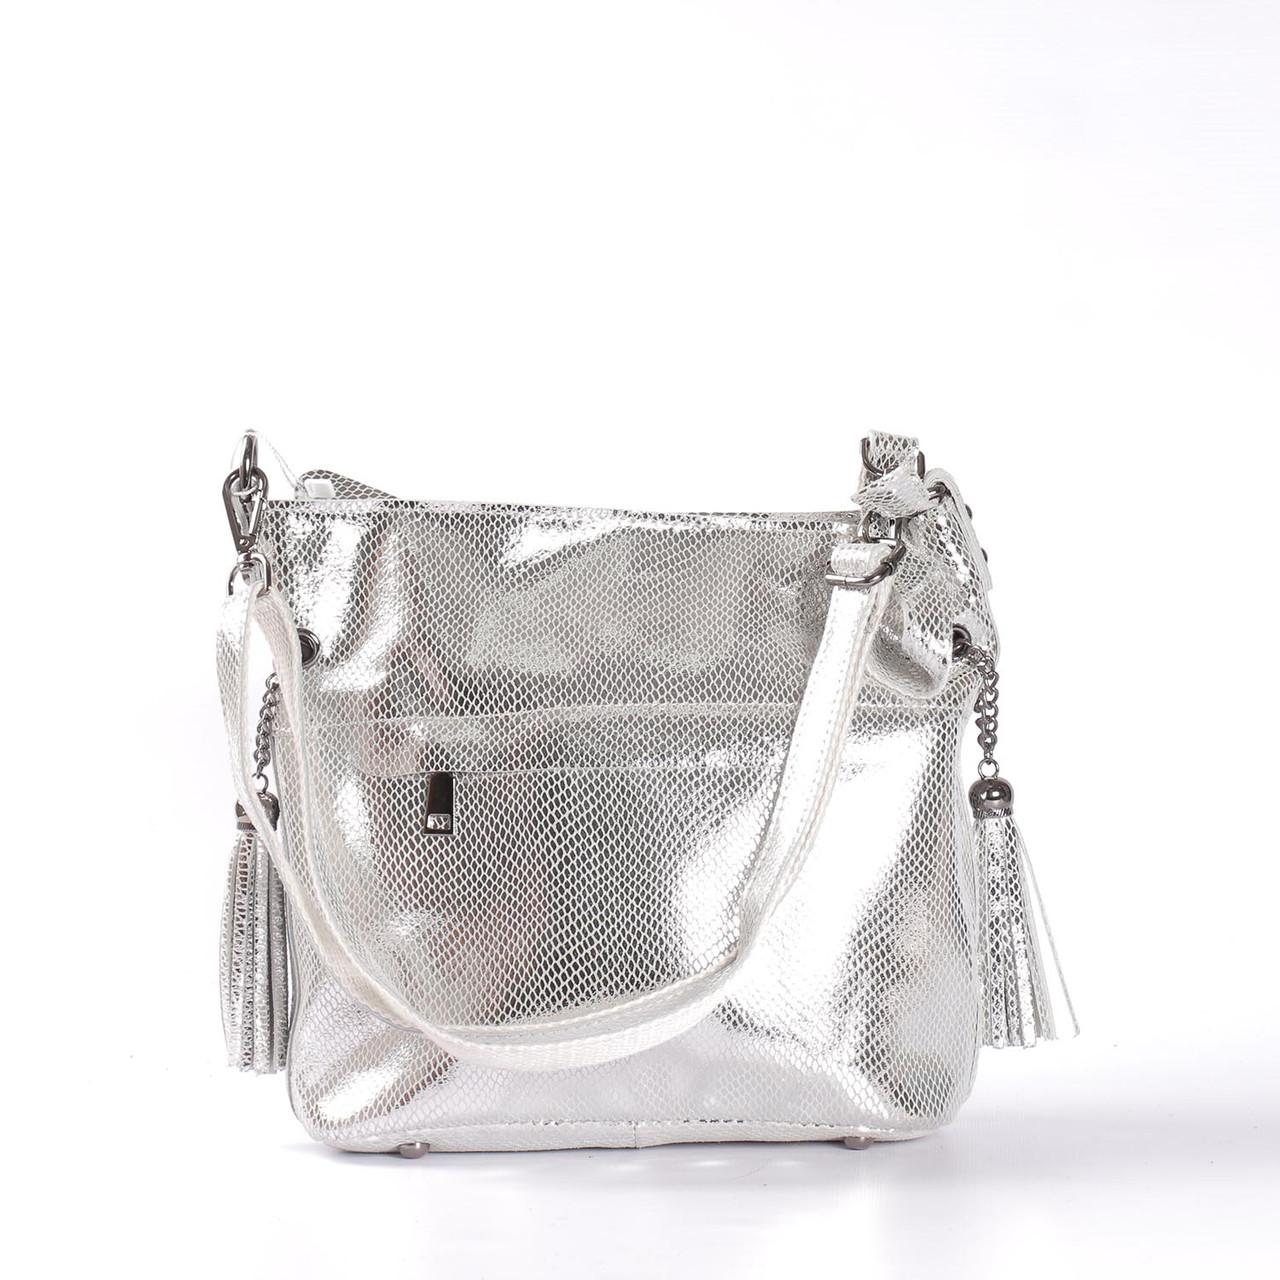 b514c97fbb68 Женская кожаная сумка с лазерным напылением серебро